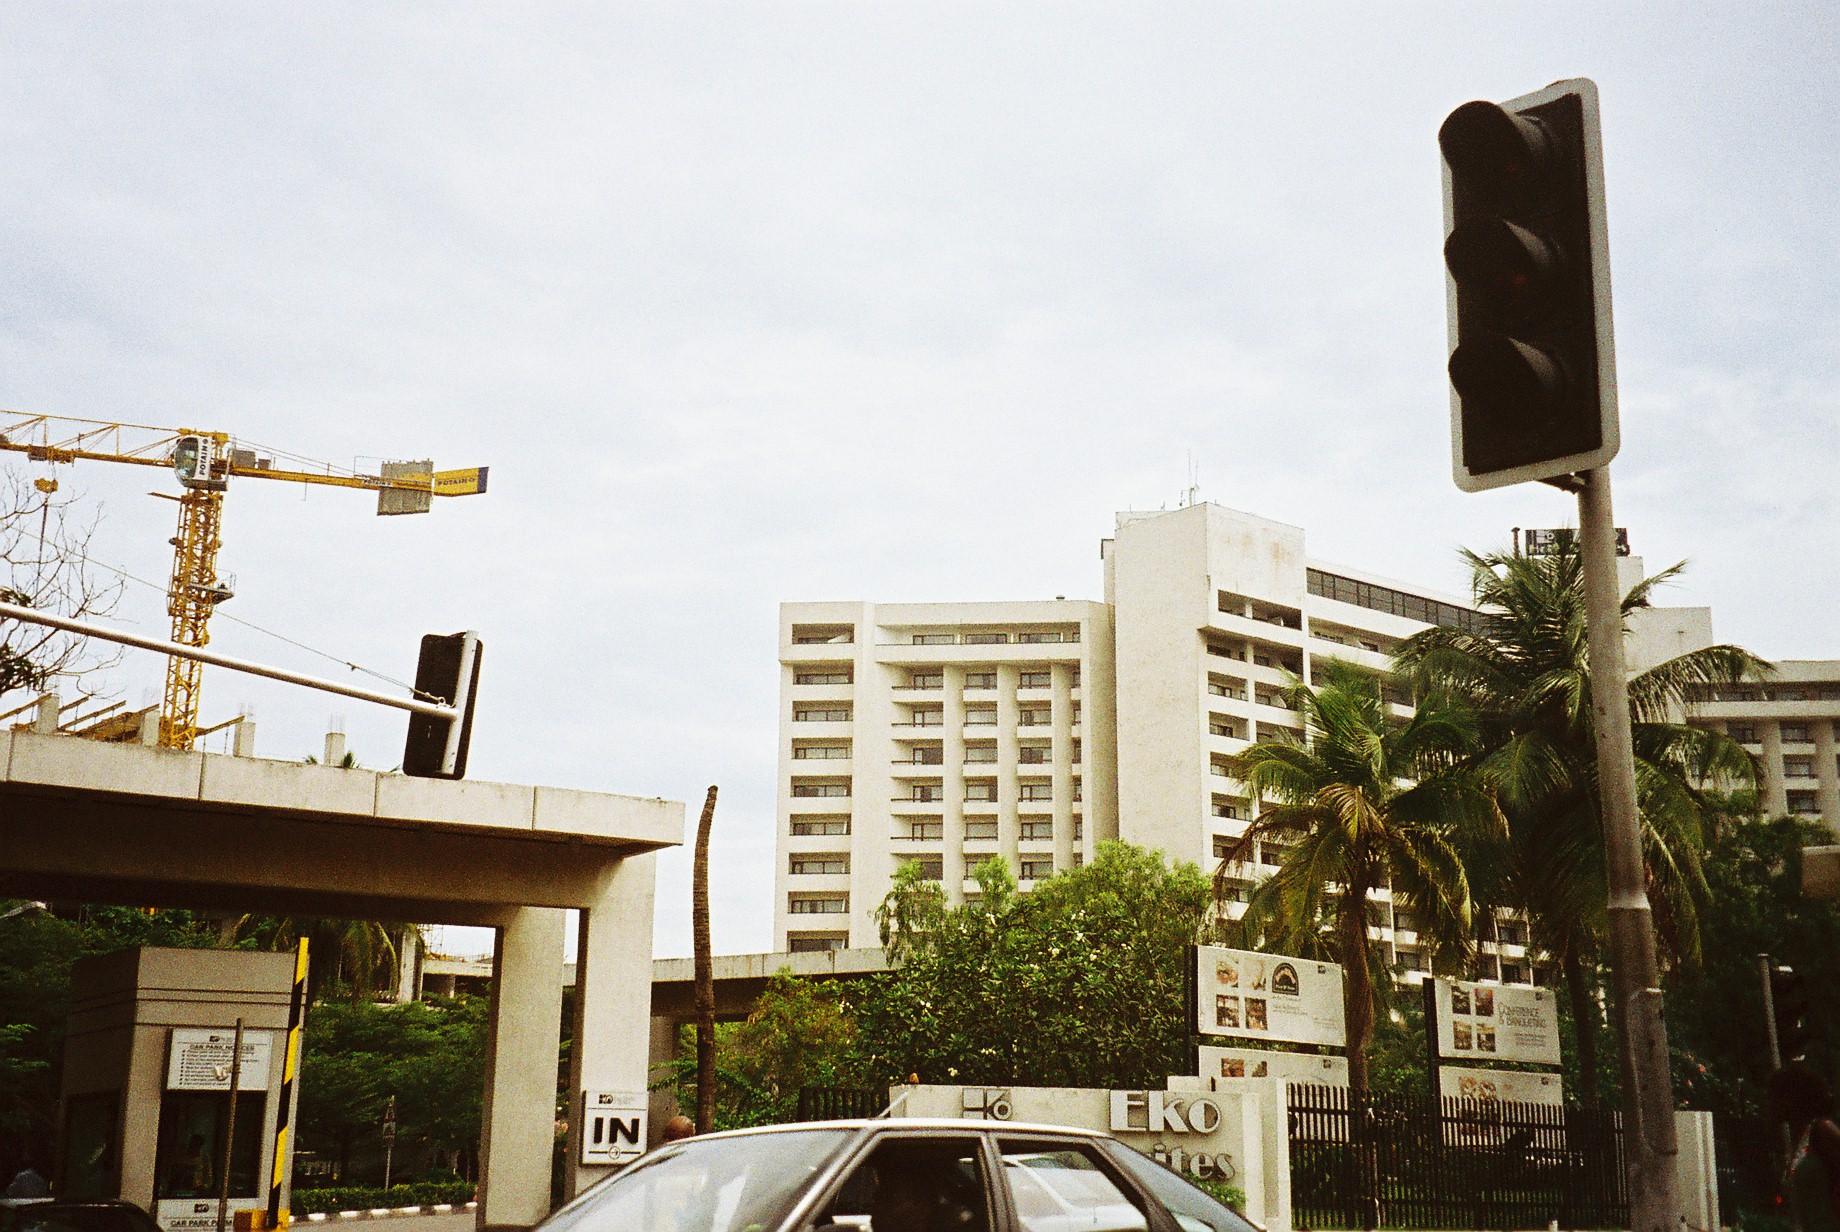 lagos Eko hotel ent 2009